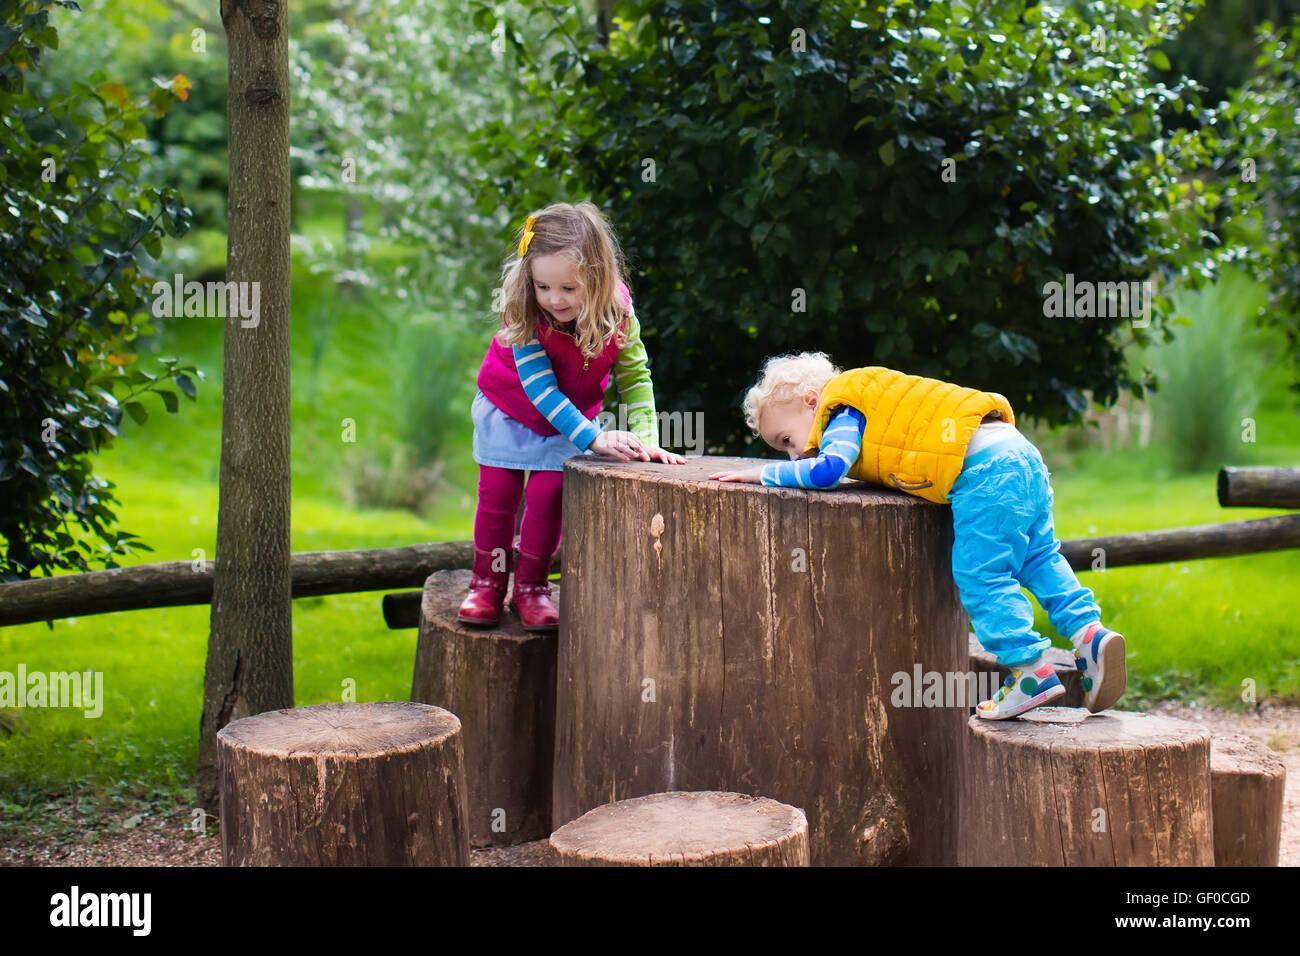 Chico y chica escalada en un patio de madera en un parque. Los niños ...